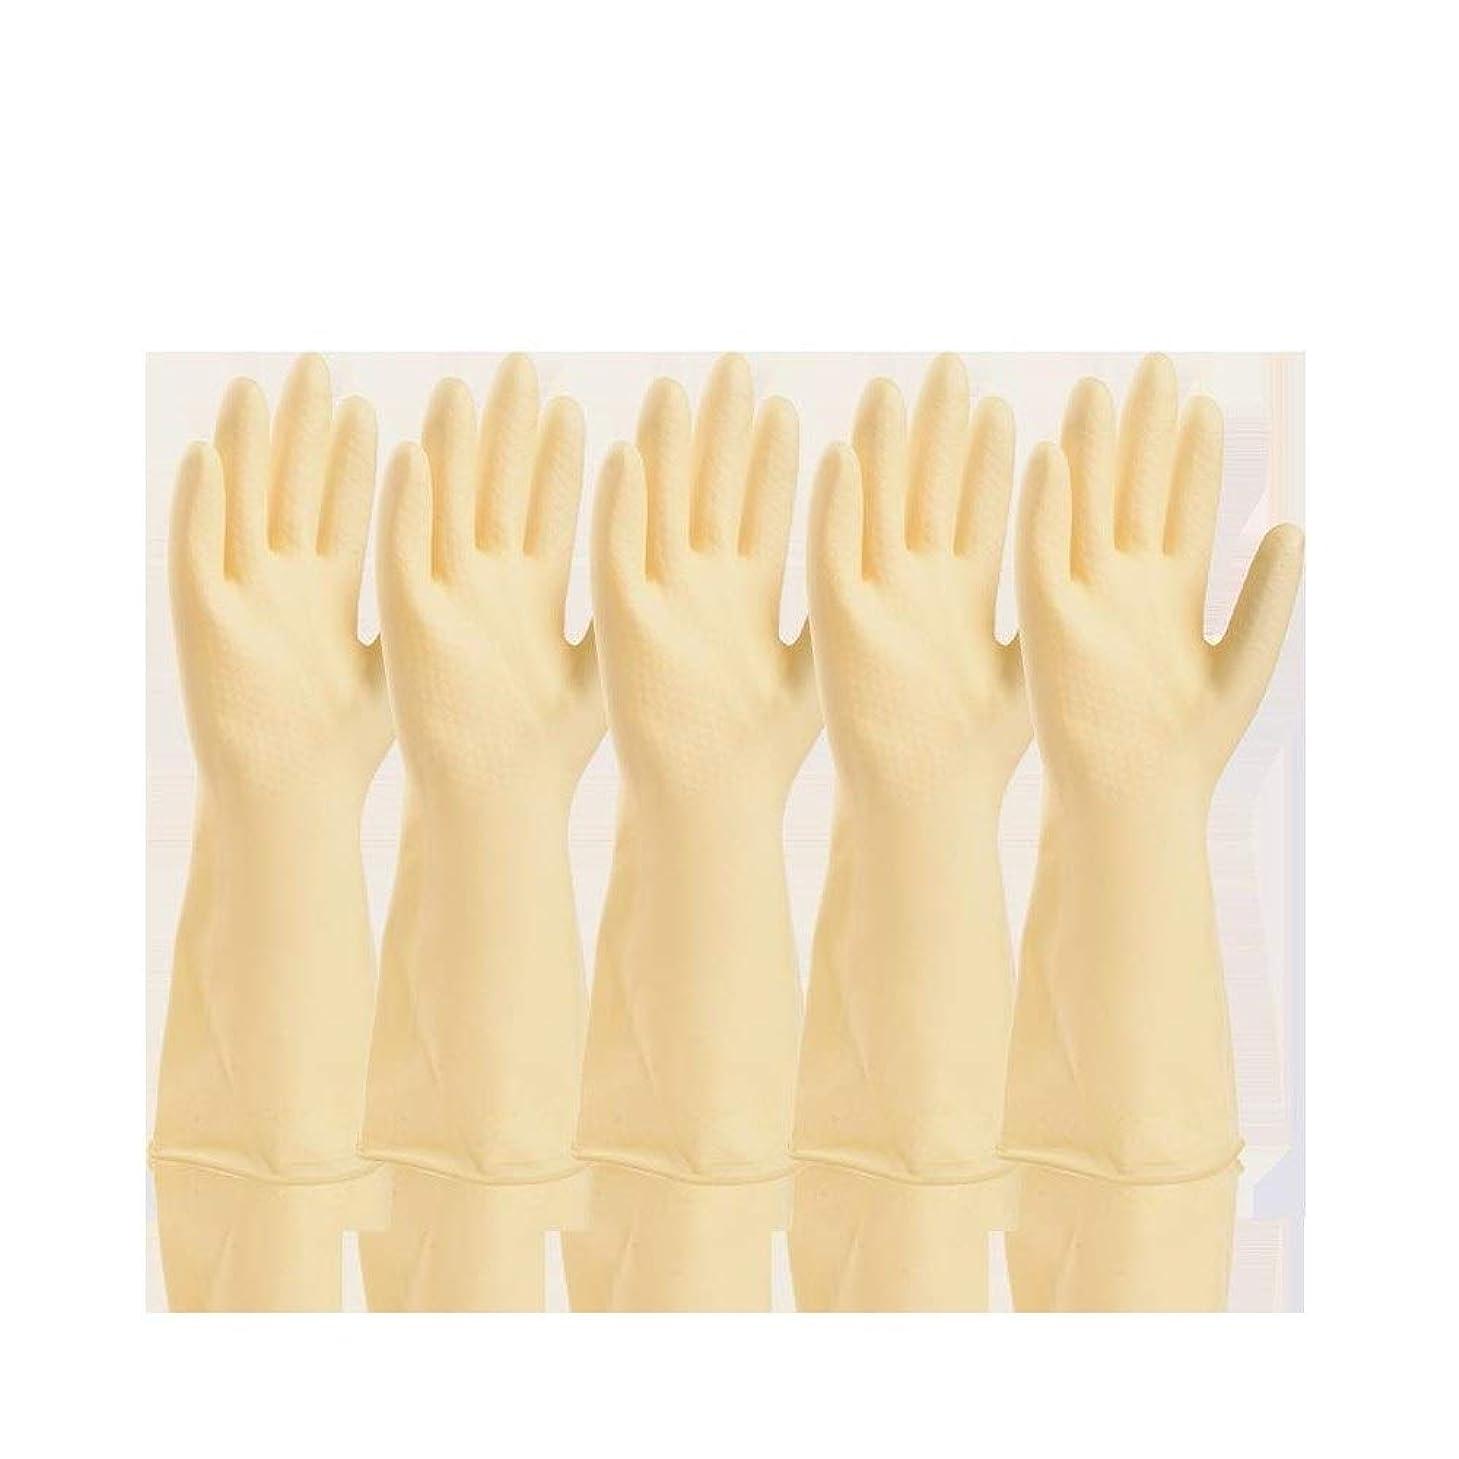 確認する帰する証言するニトリルゴム手袋 工業用手袋厚手のプラスチック製保護用耐水性防水ラテックス手袋、5ペア 使い捨て手袋 (Color : White, Size : L)